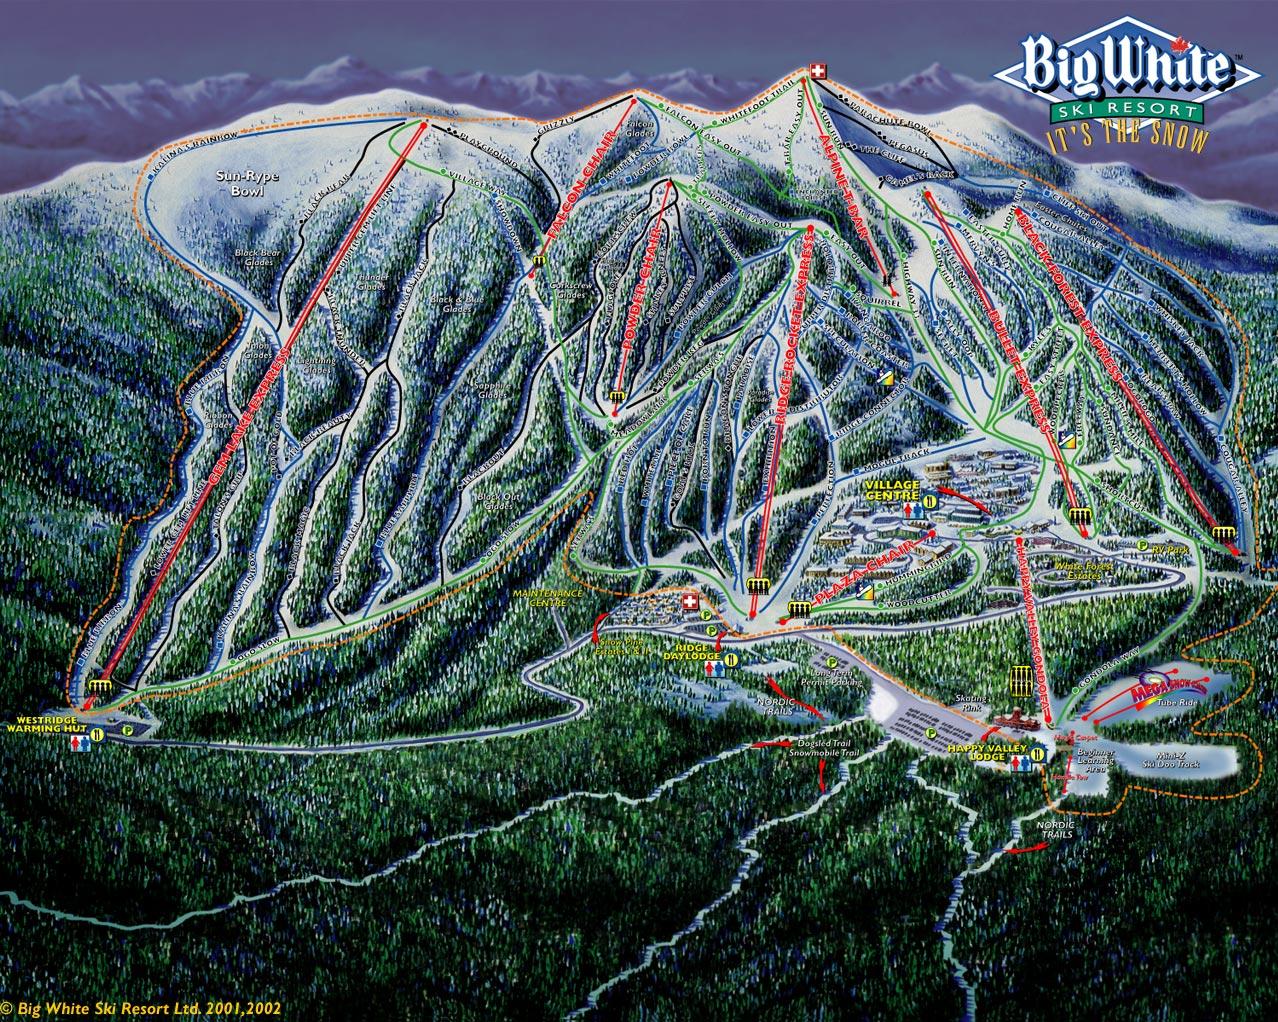 Carte des pistes de la station de ski Big White